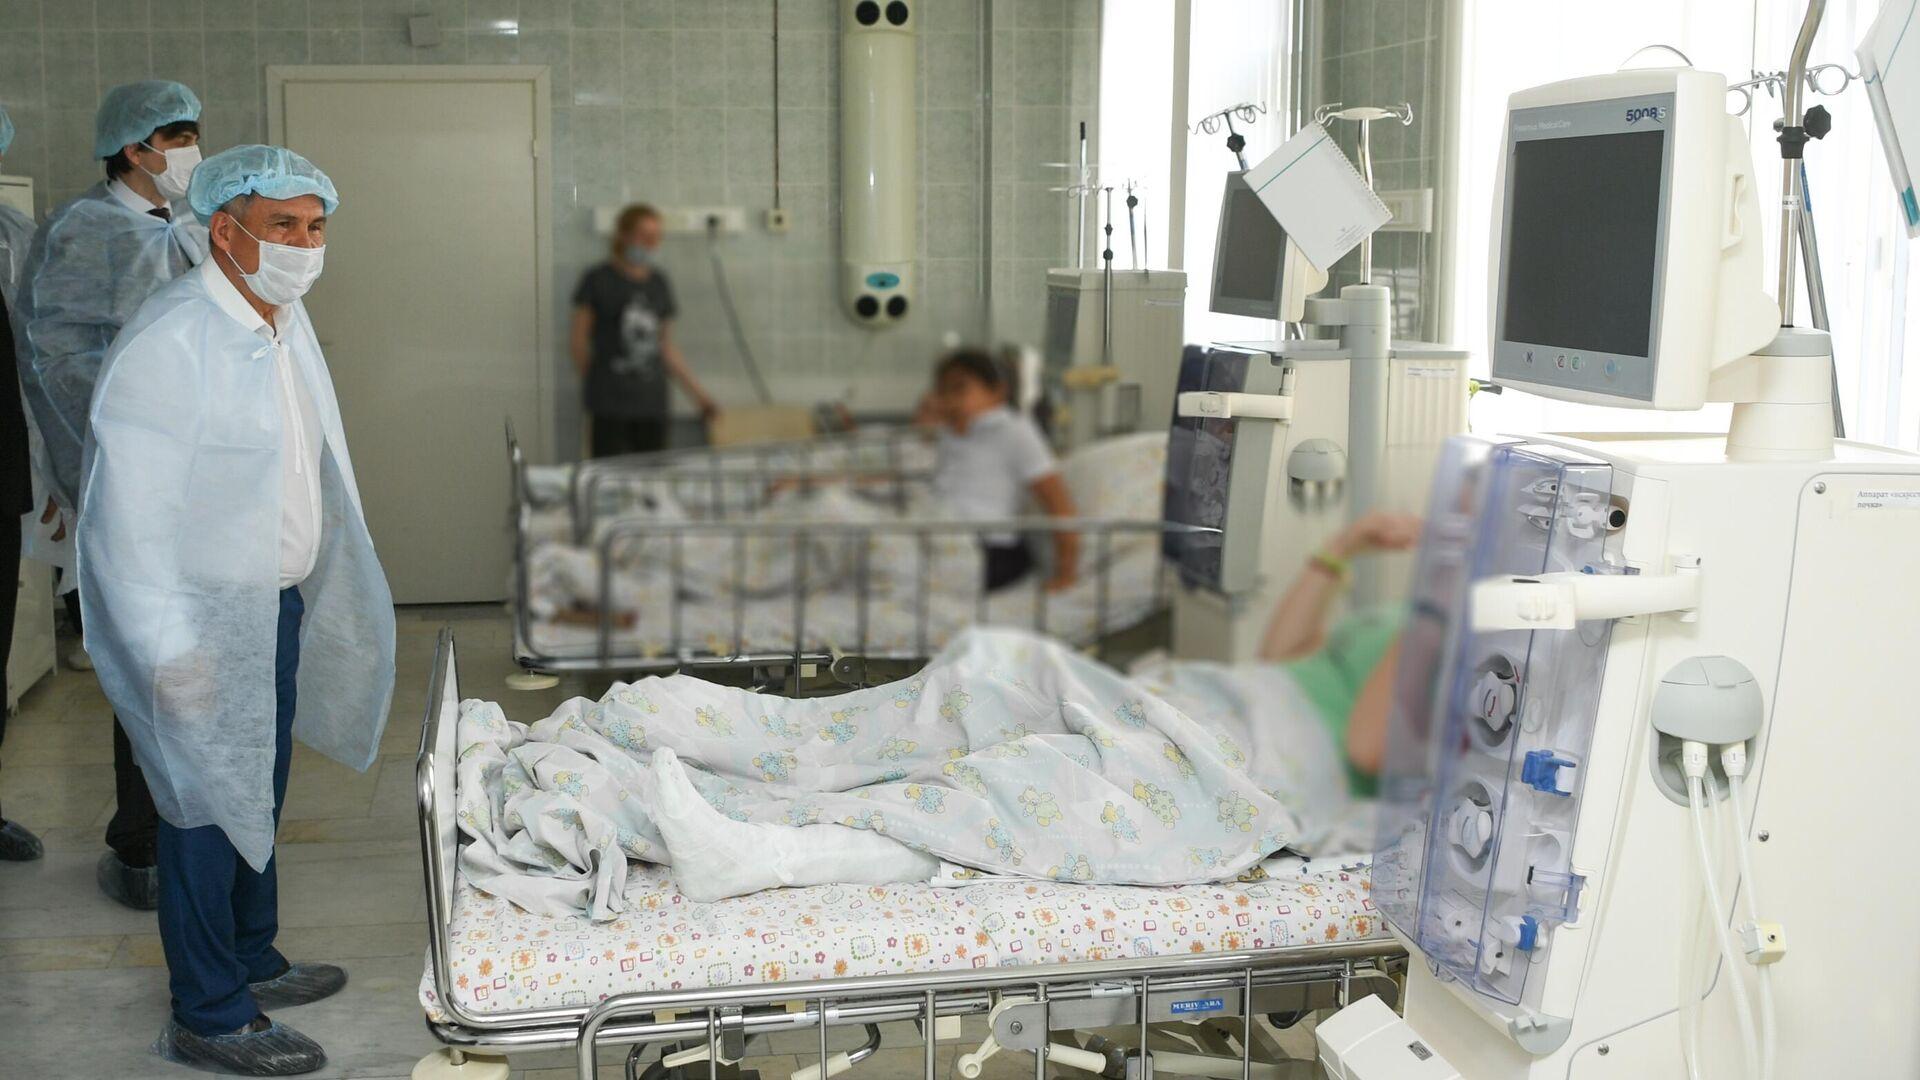 Президент Республики Татарстан Рустам Минниханов во время посещения госпитализированных раненных при стрельбе в гимназии в казанской республиканской детской клинической больнице - РИА Новости, 1920, 12.05.2021